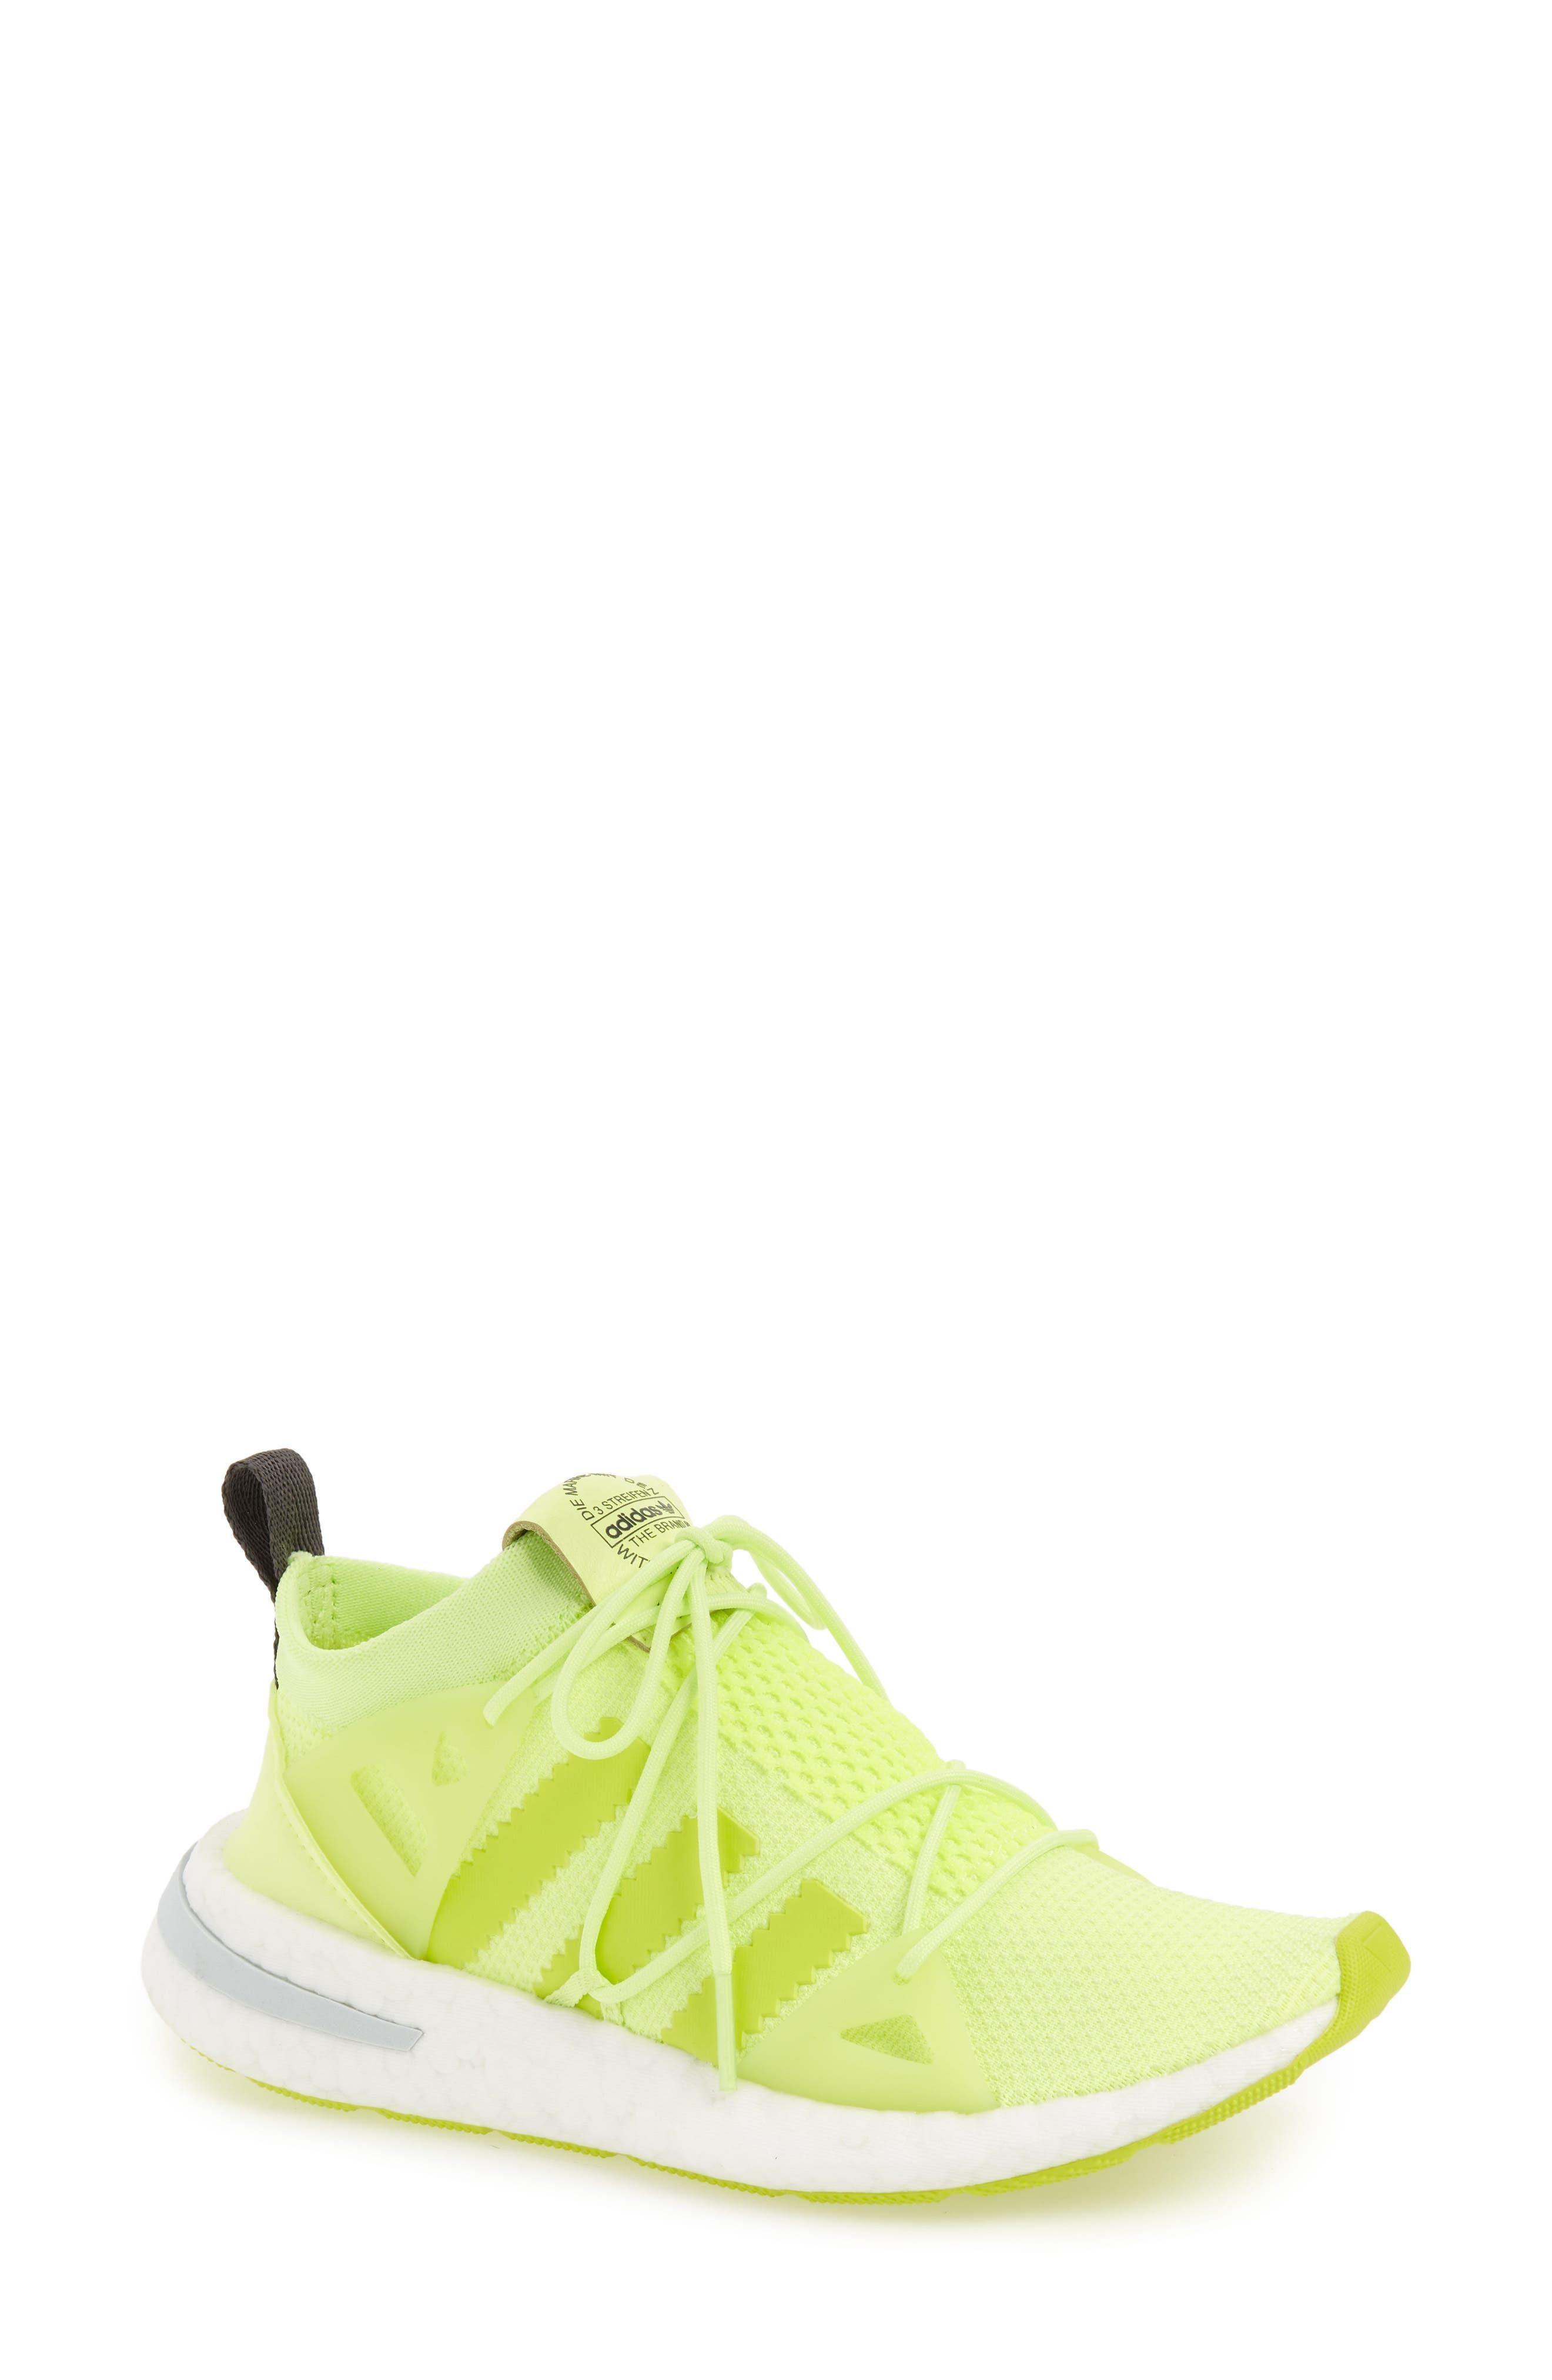 giallo adidas per le donne: abbigliamento, accessori e calzature nordstrom